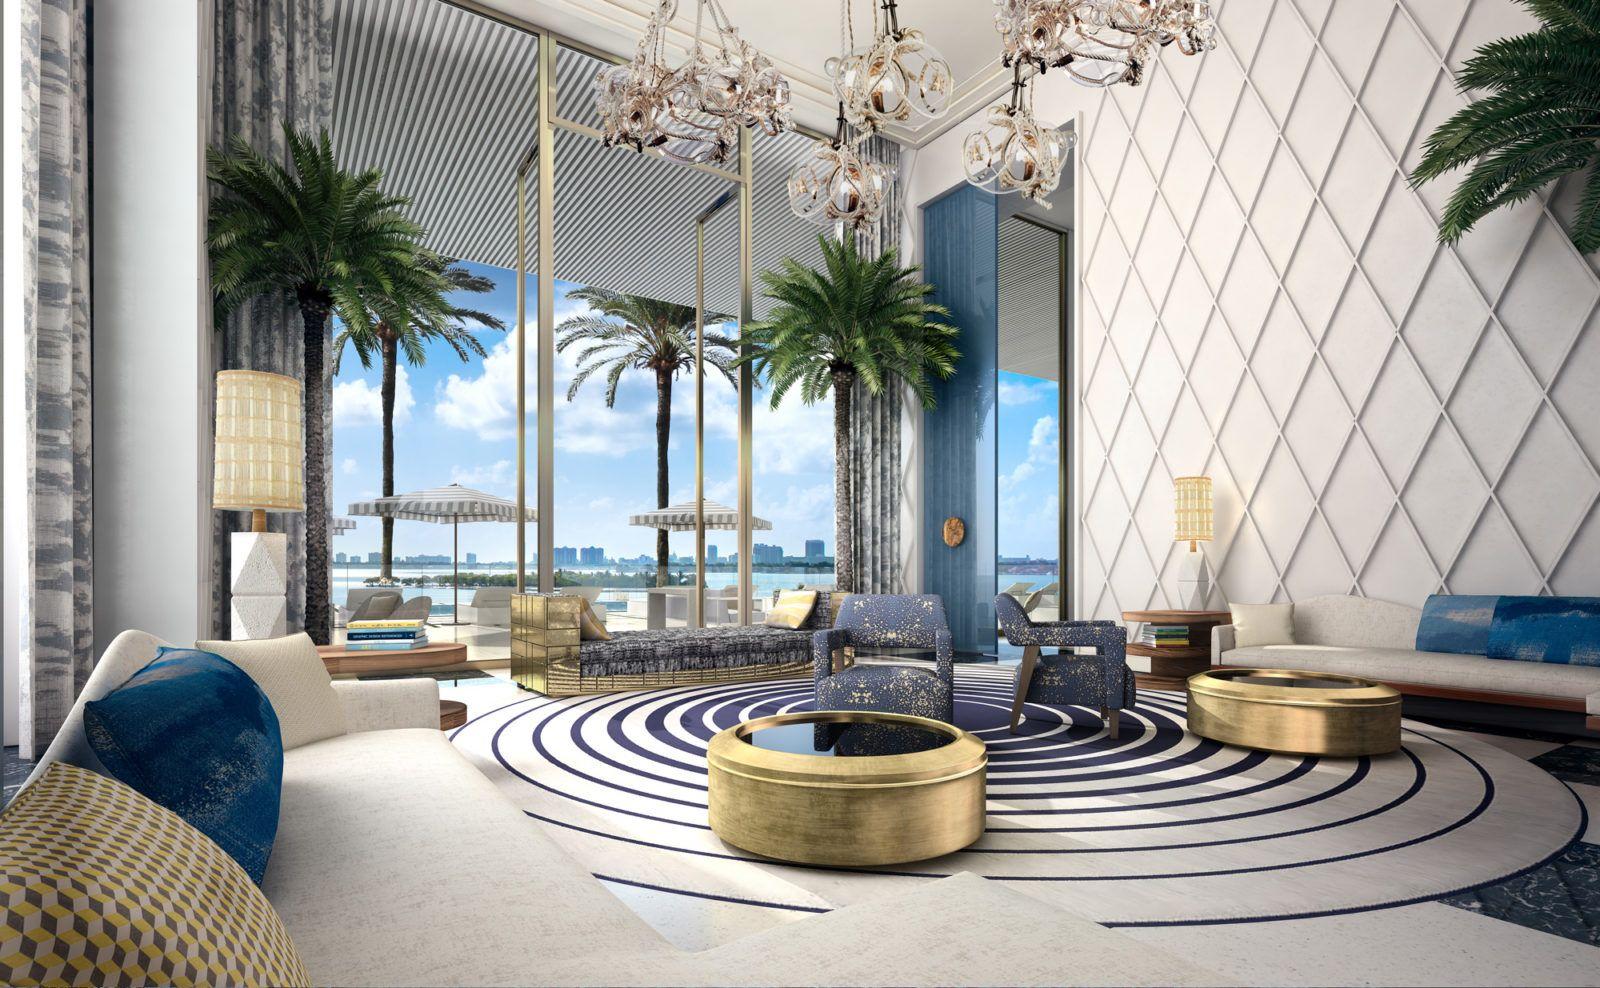 Elysee Miami Interior Design BlogsInterior